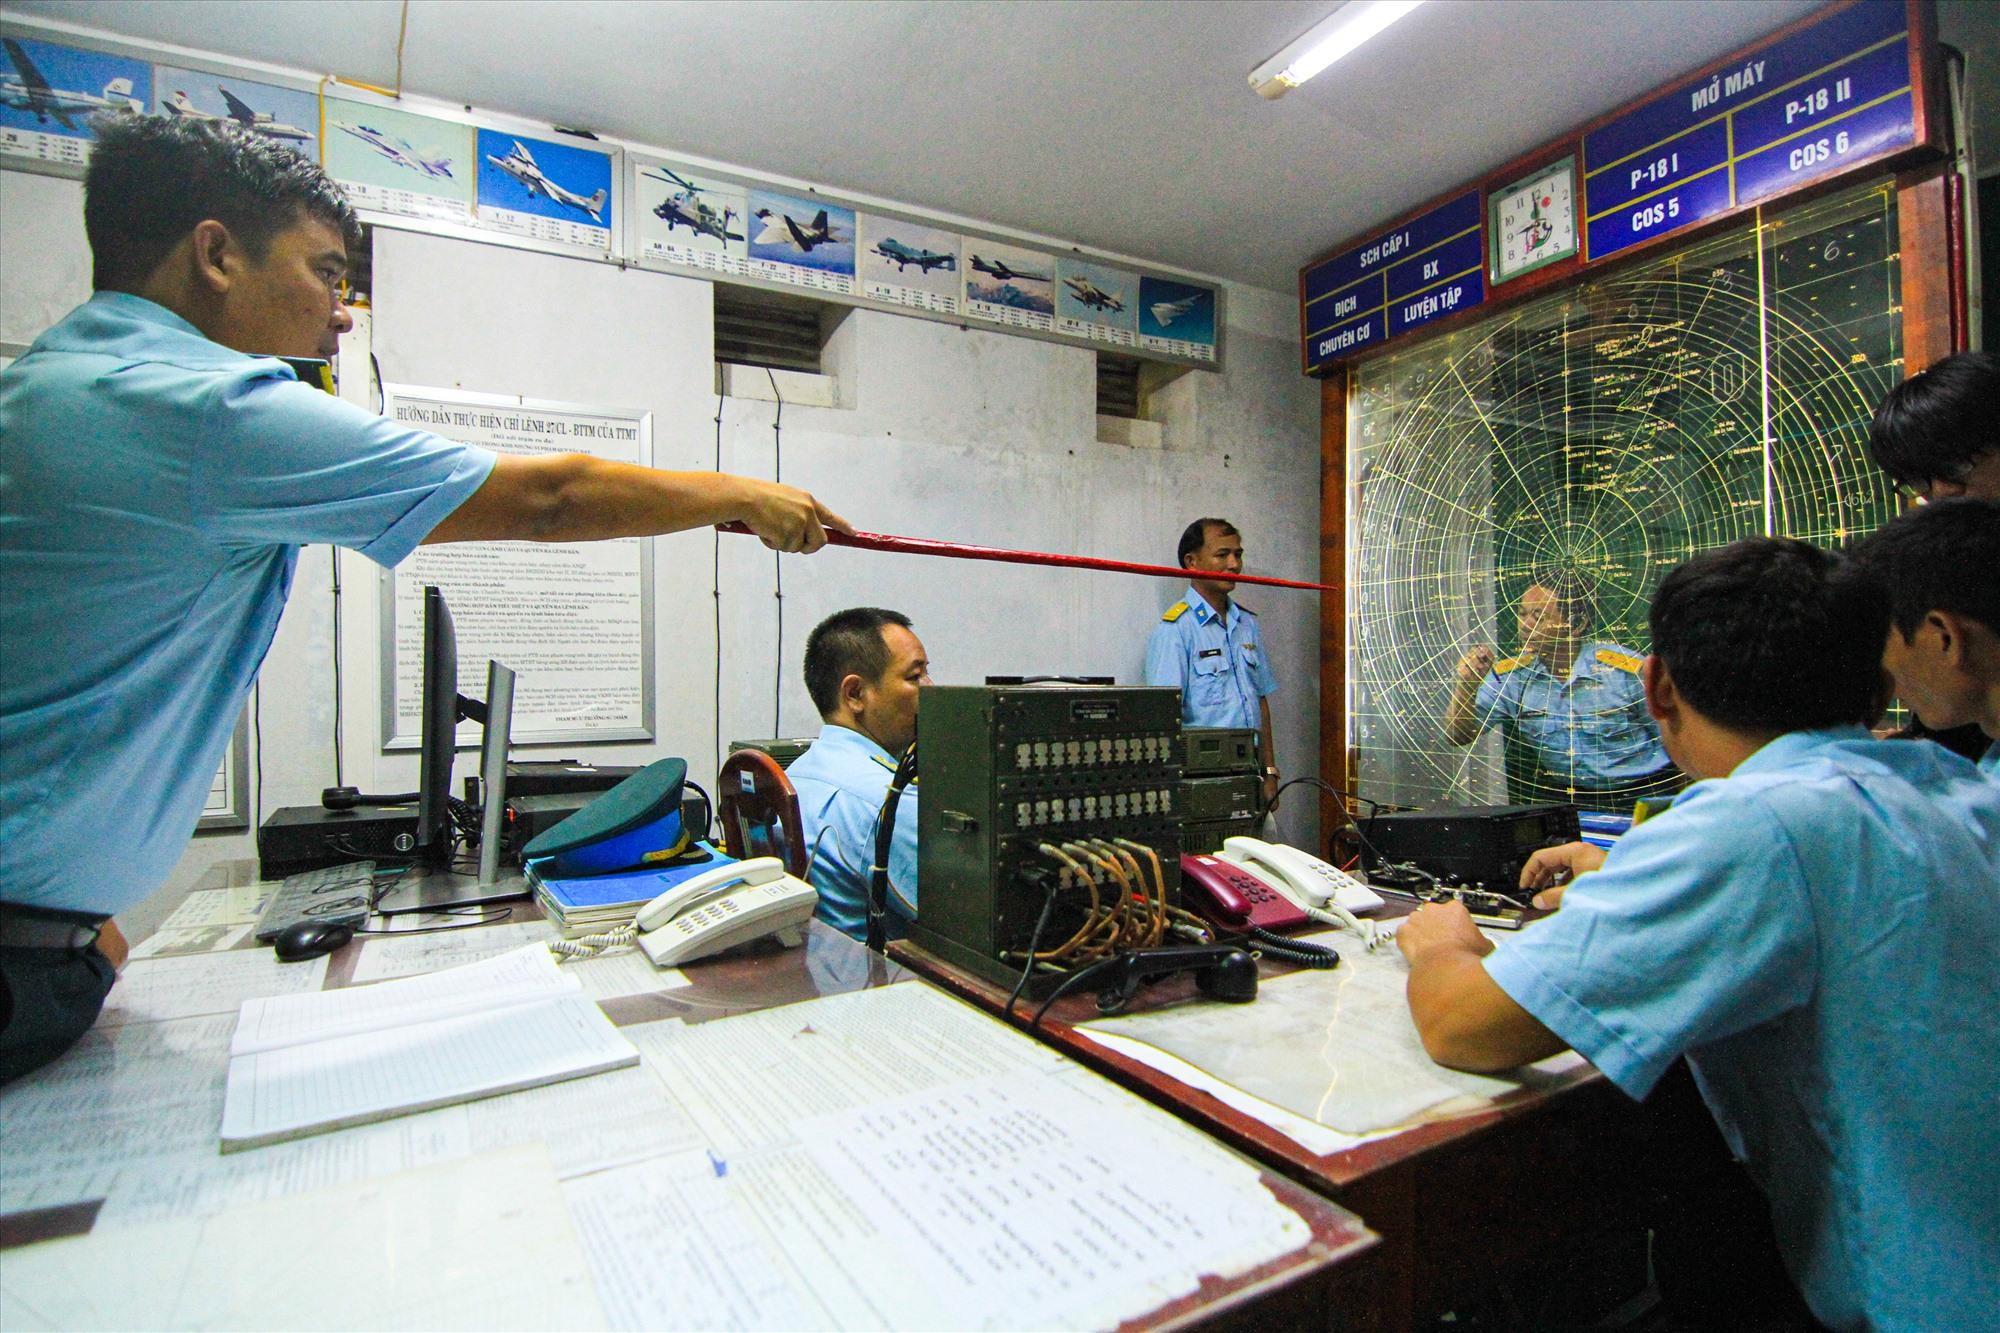 Với nhiệm vụ canh giữ bầu trời, trạm ra đa T44 có vai trò hết sức quan trọng ở khu vực biển Đông.